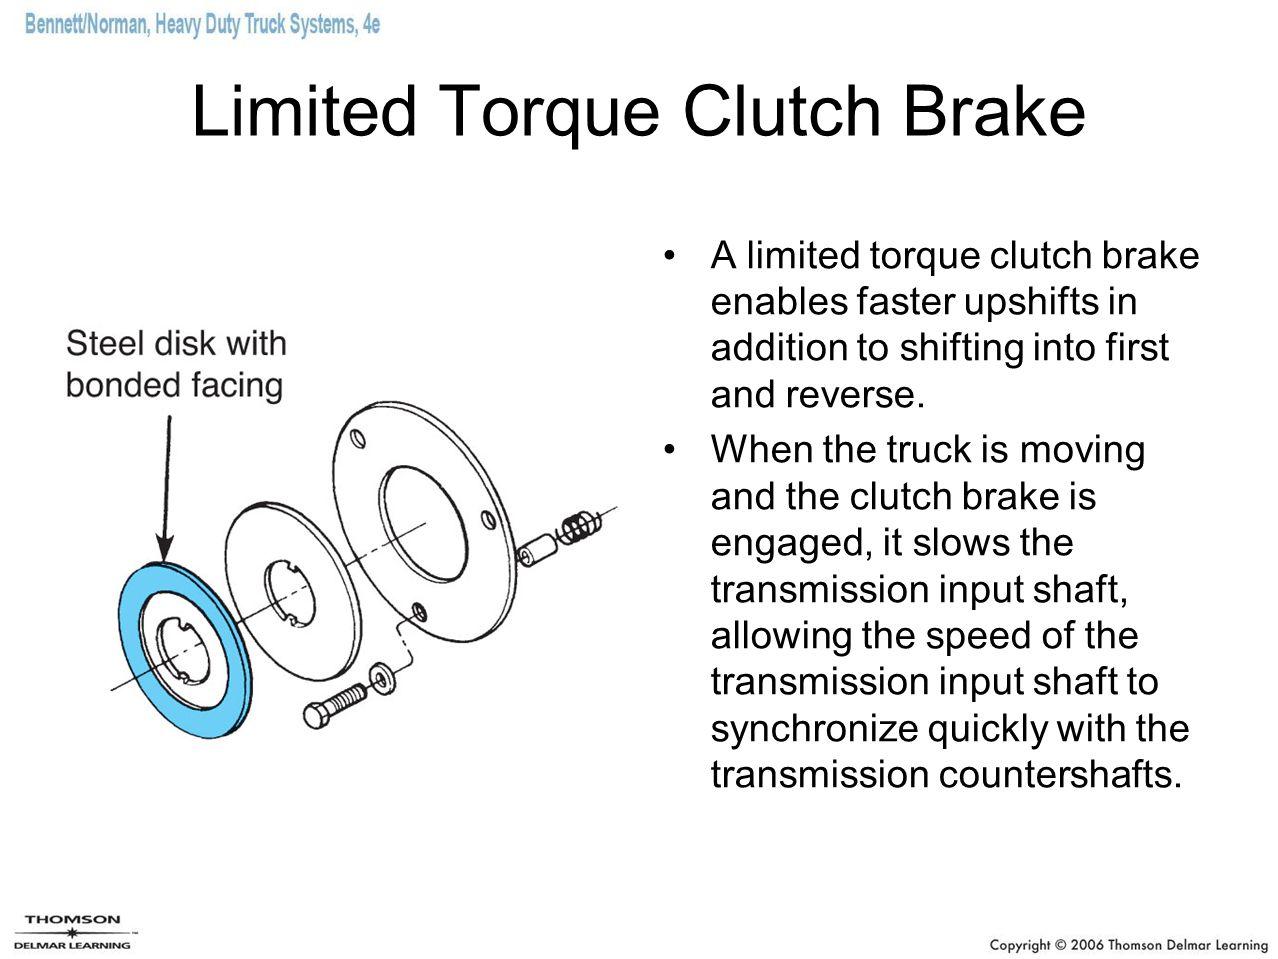 Limited Torque Clutch Brake